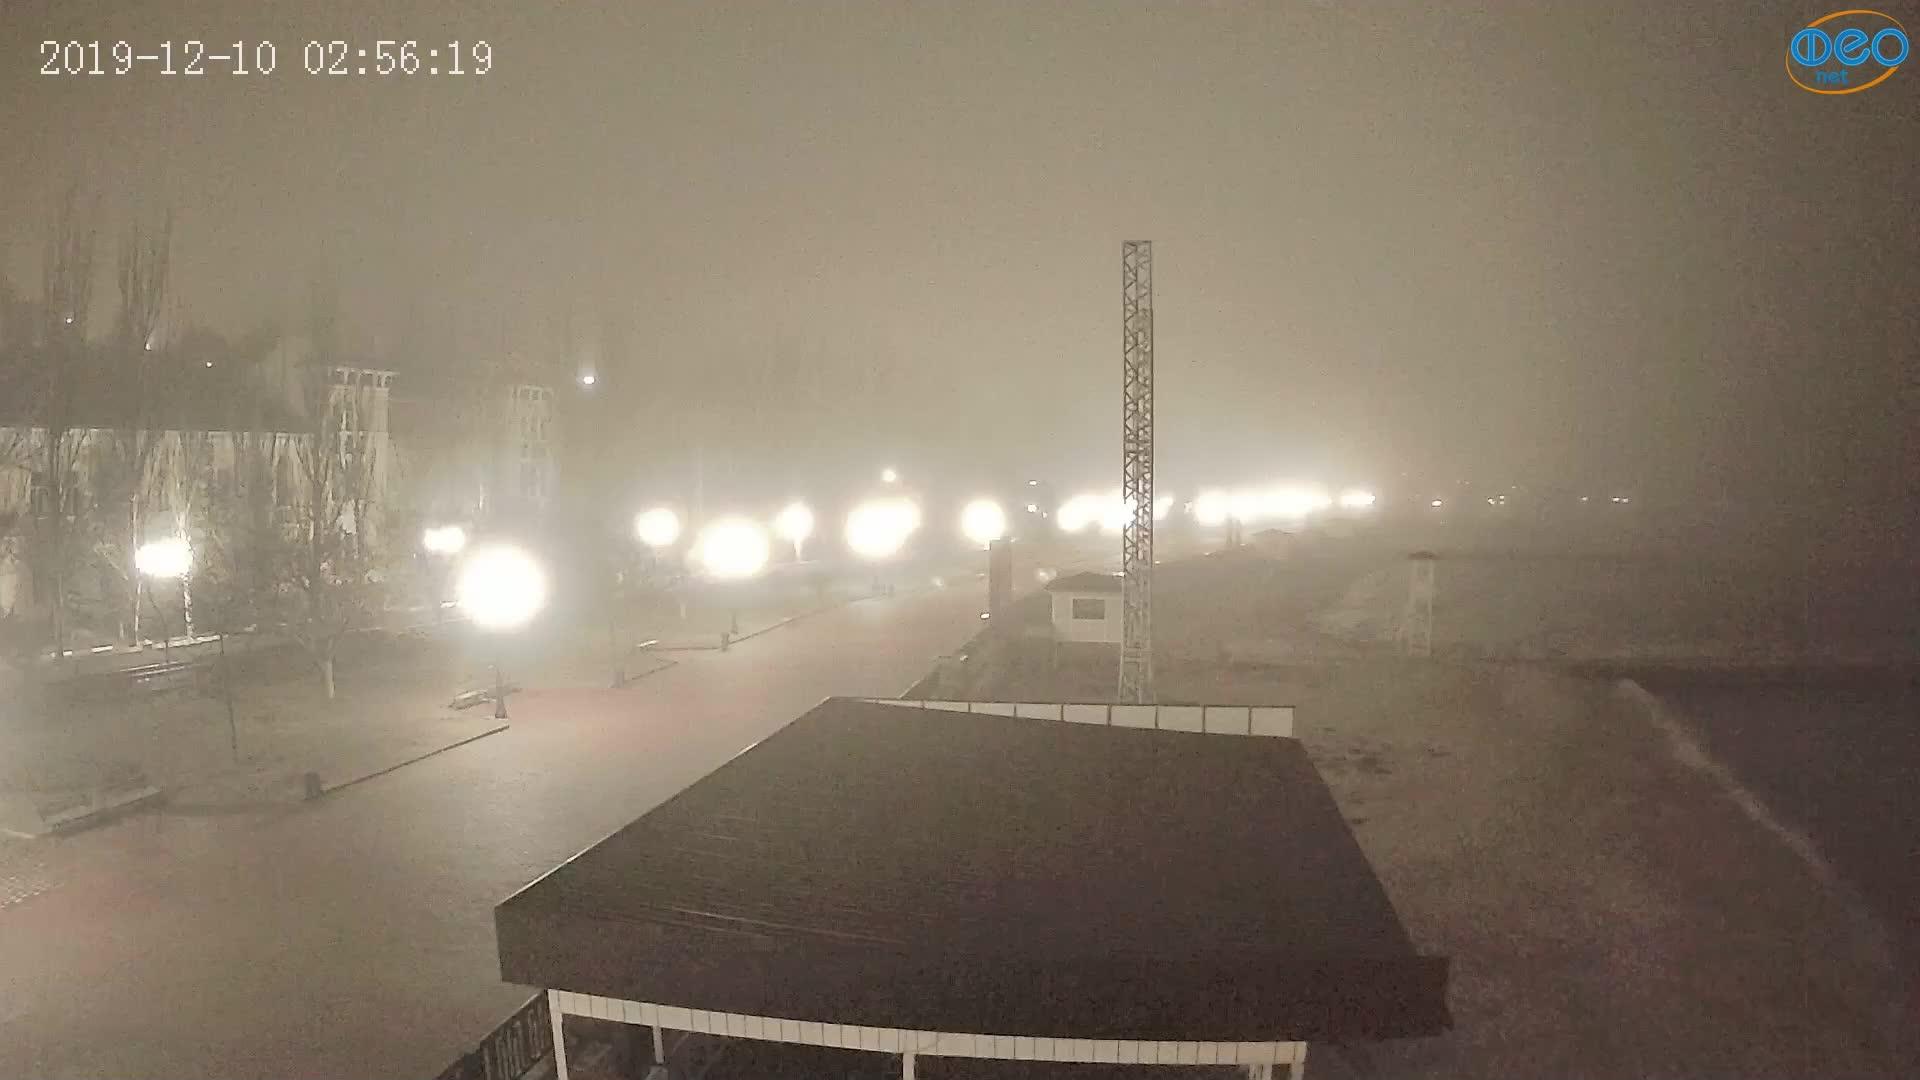 Веб-камеры Феодосии, Пляж Камешки, 2019-12-10 02:56:43